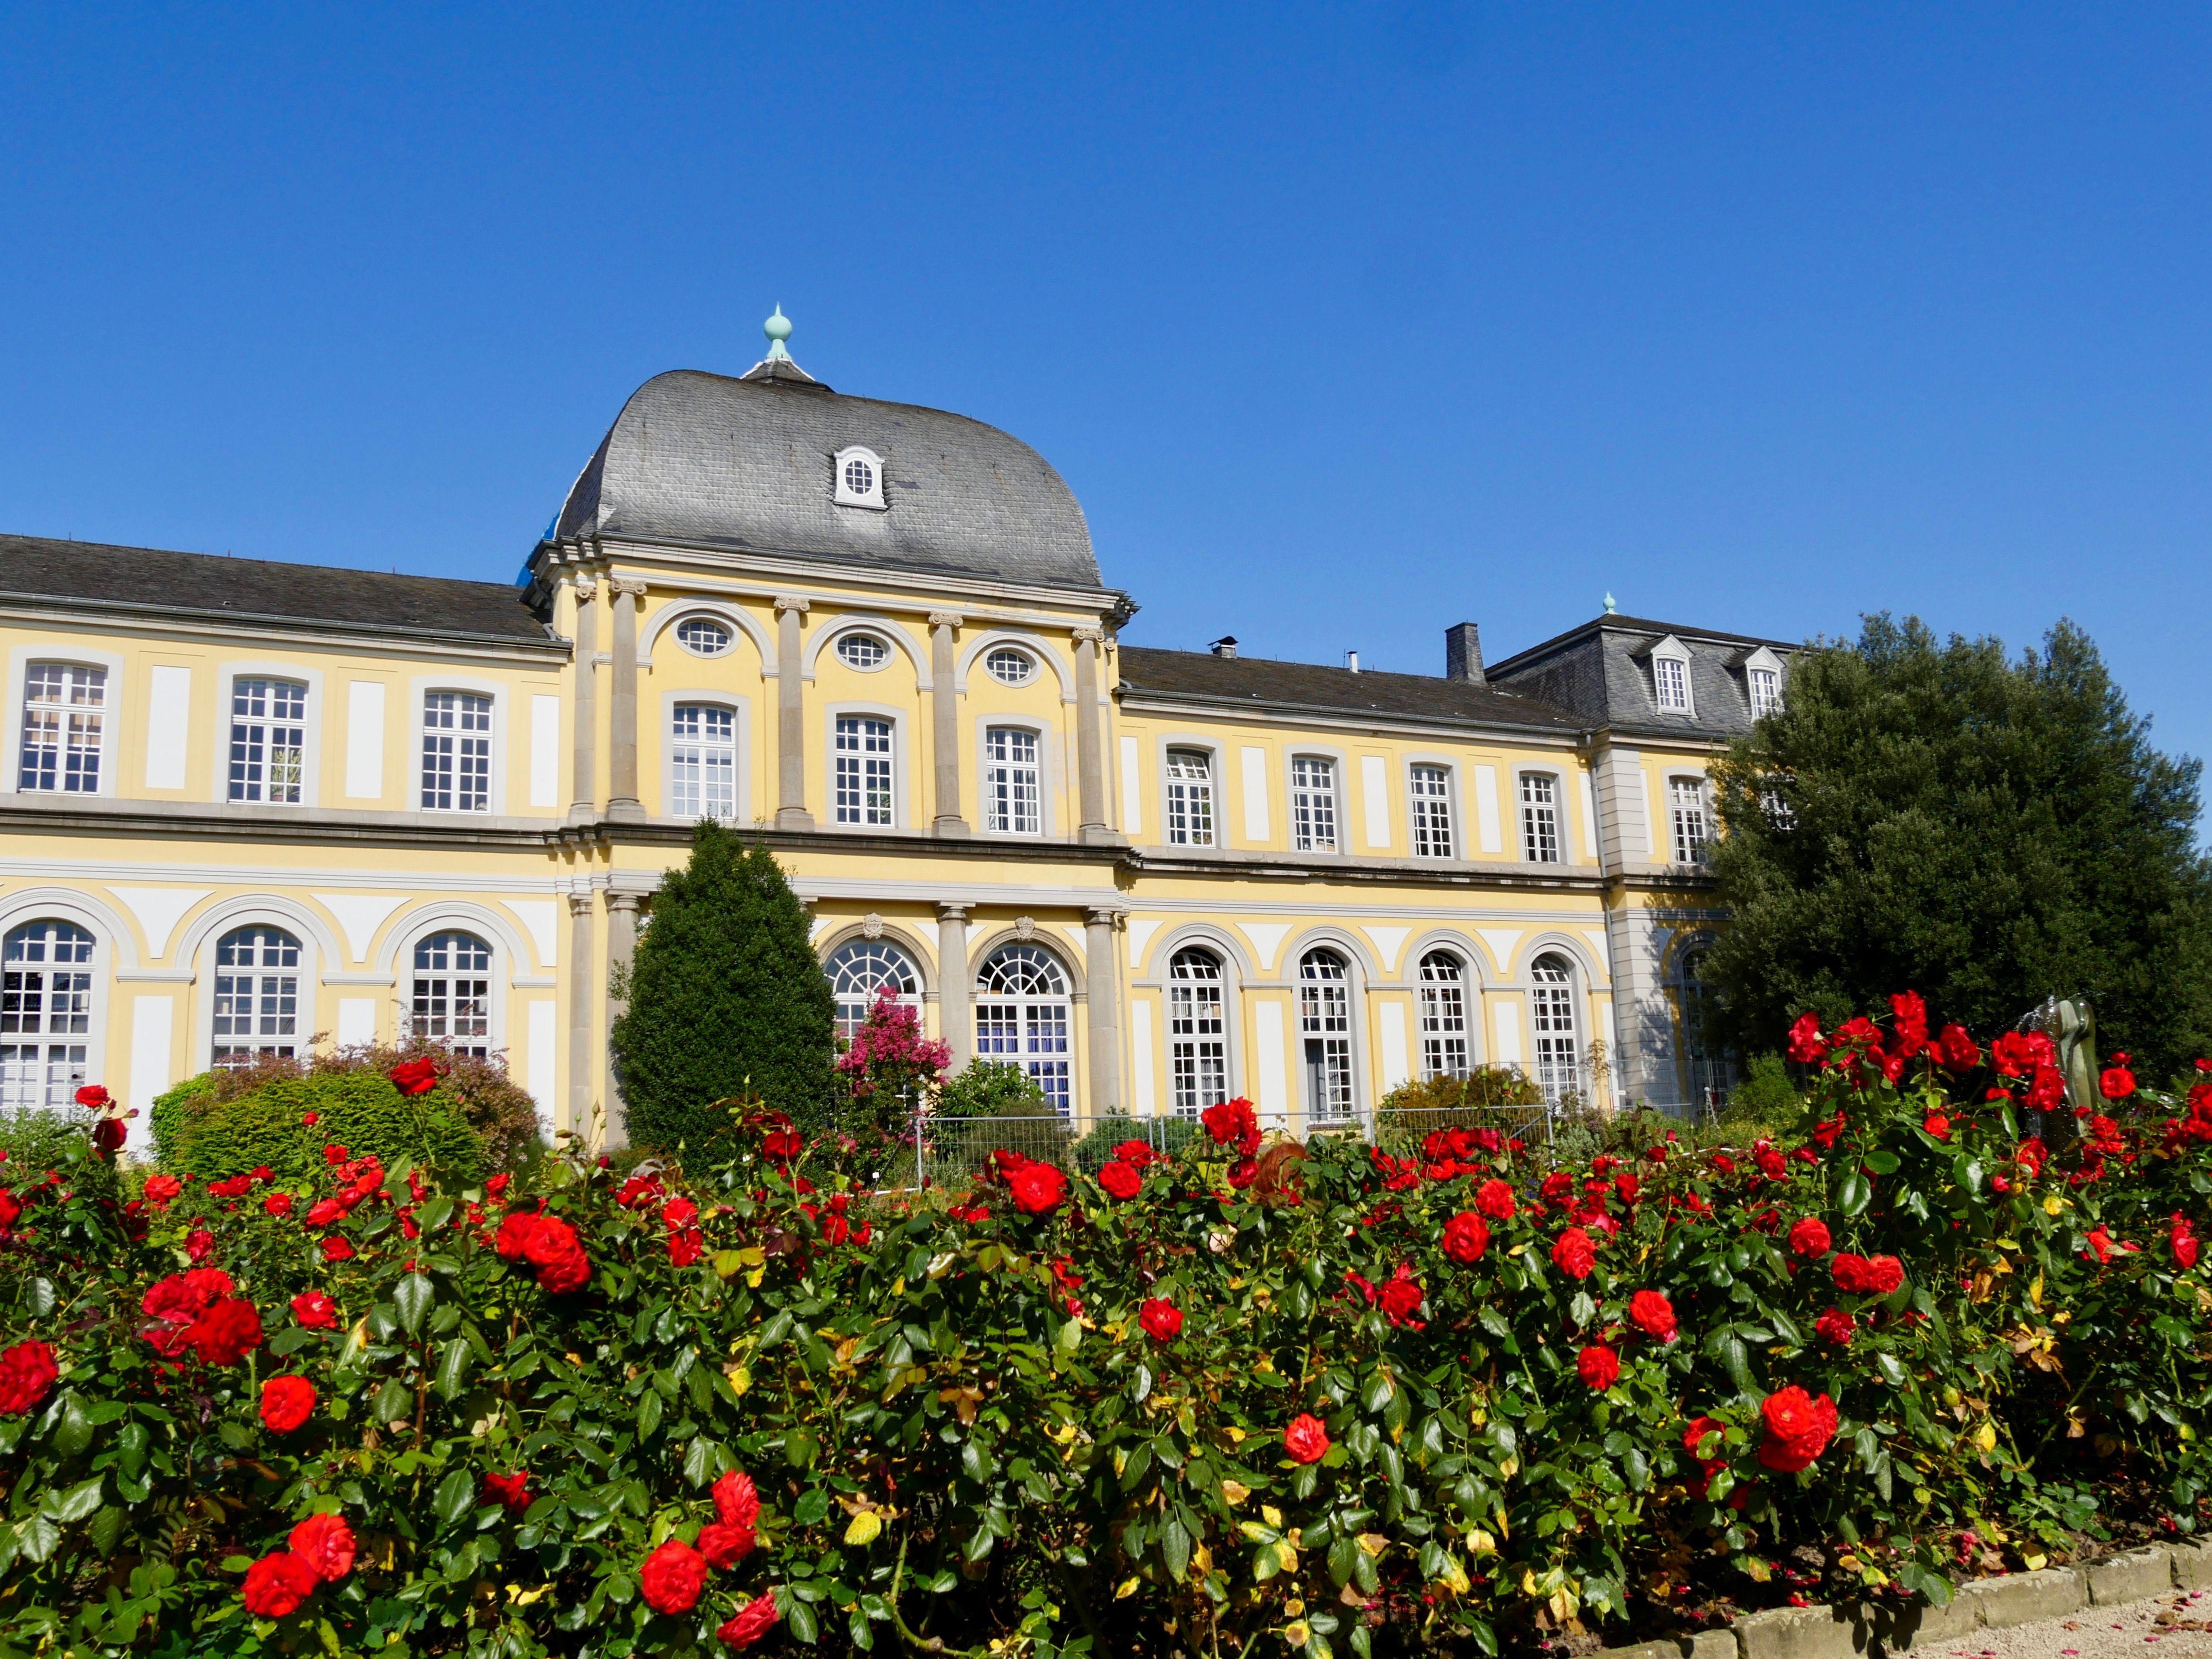 Botanischer Garten Bonn Poppelsdorfer Schloss Botanischer Garten Bonn Poppelsdorfer Schloss Bonn